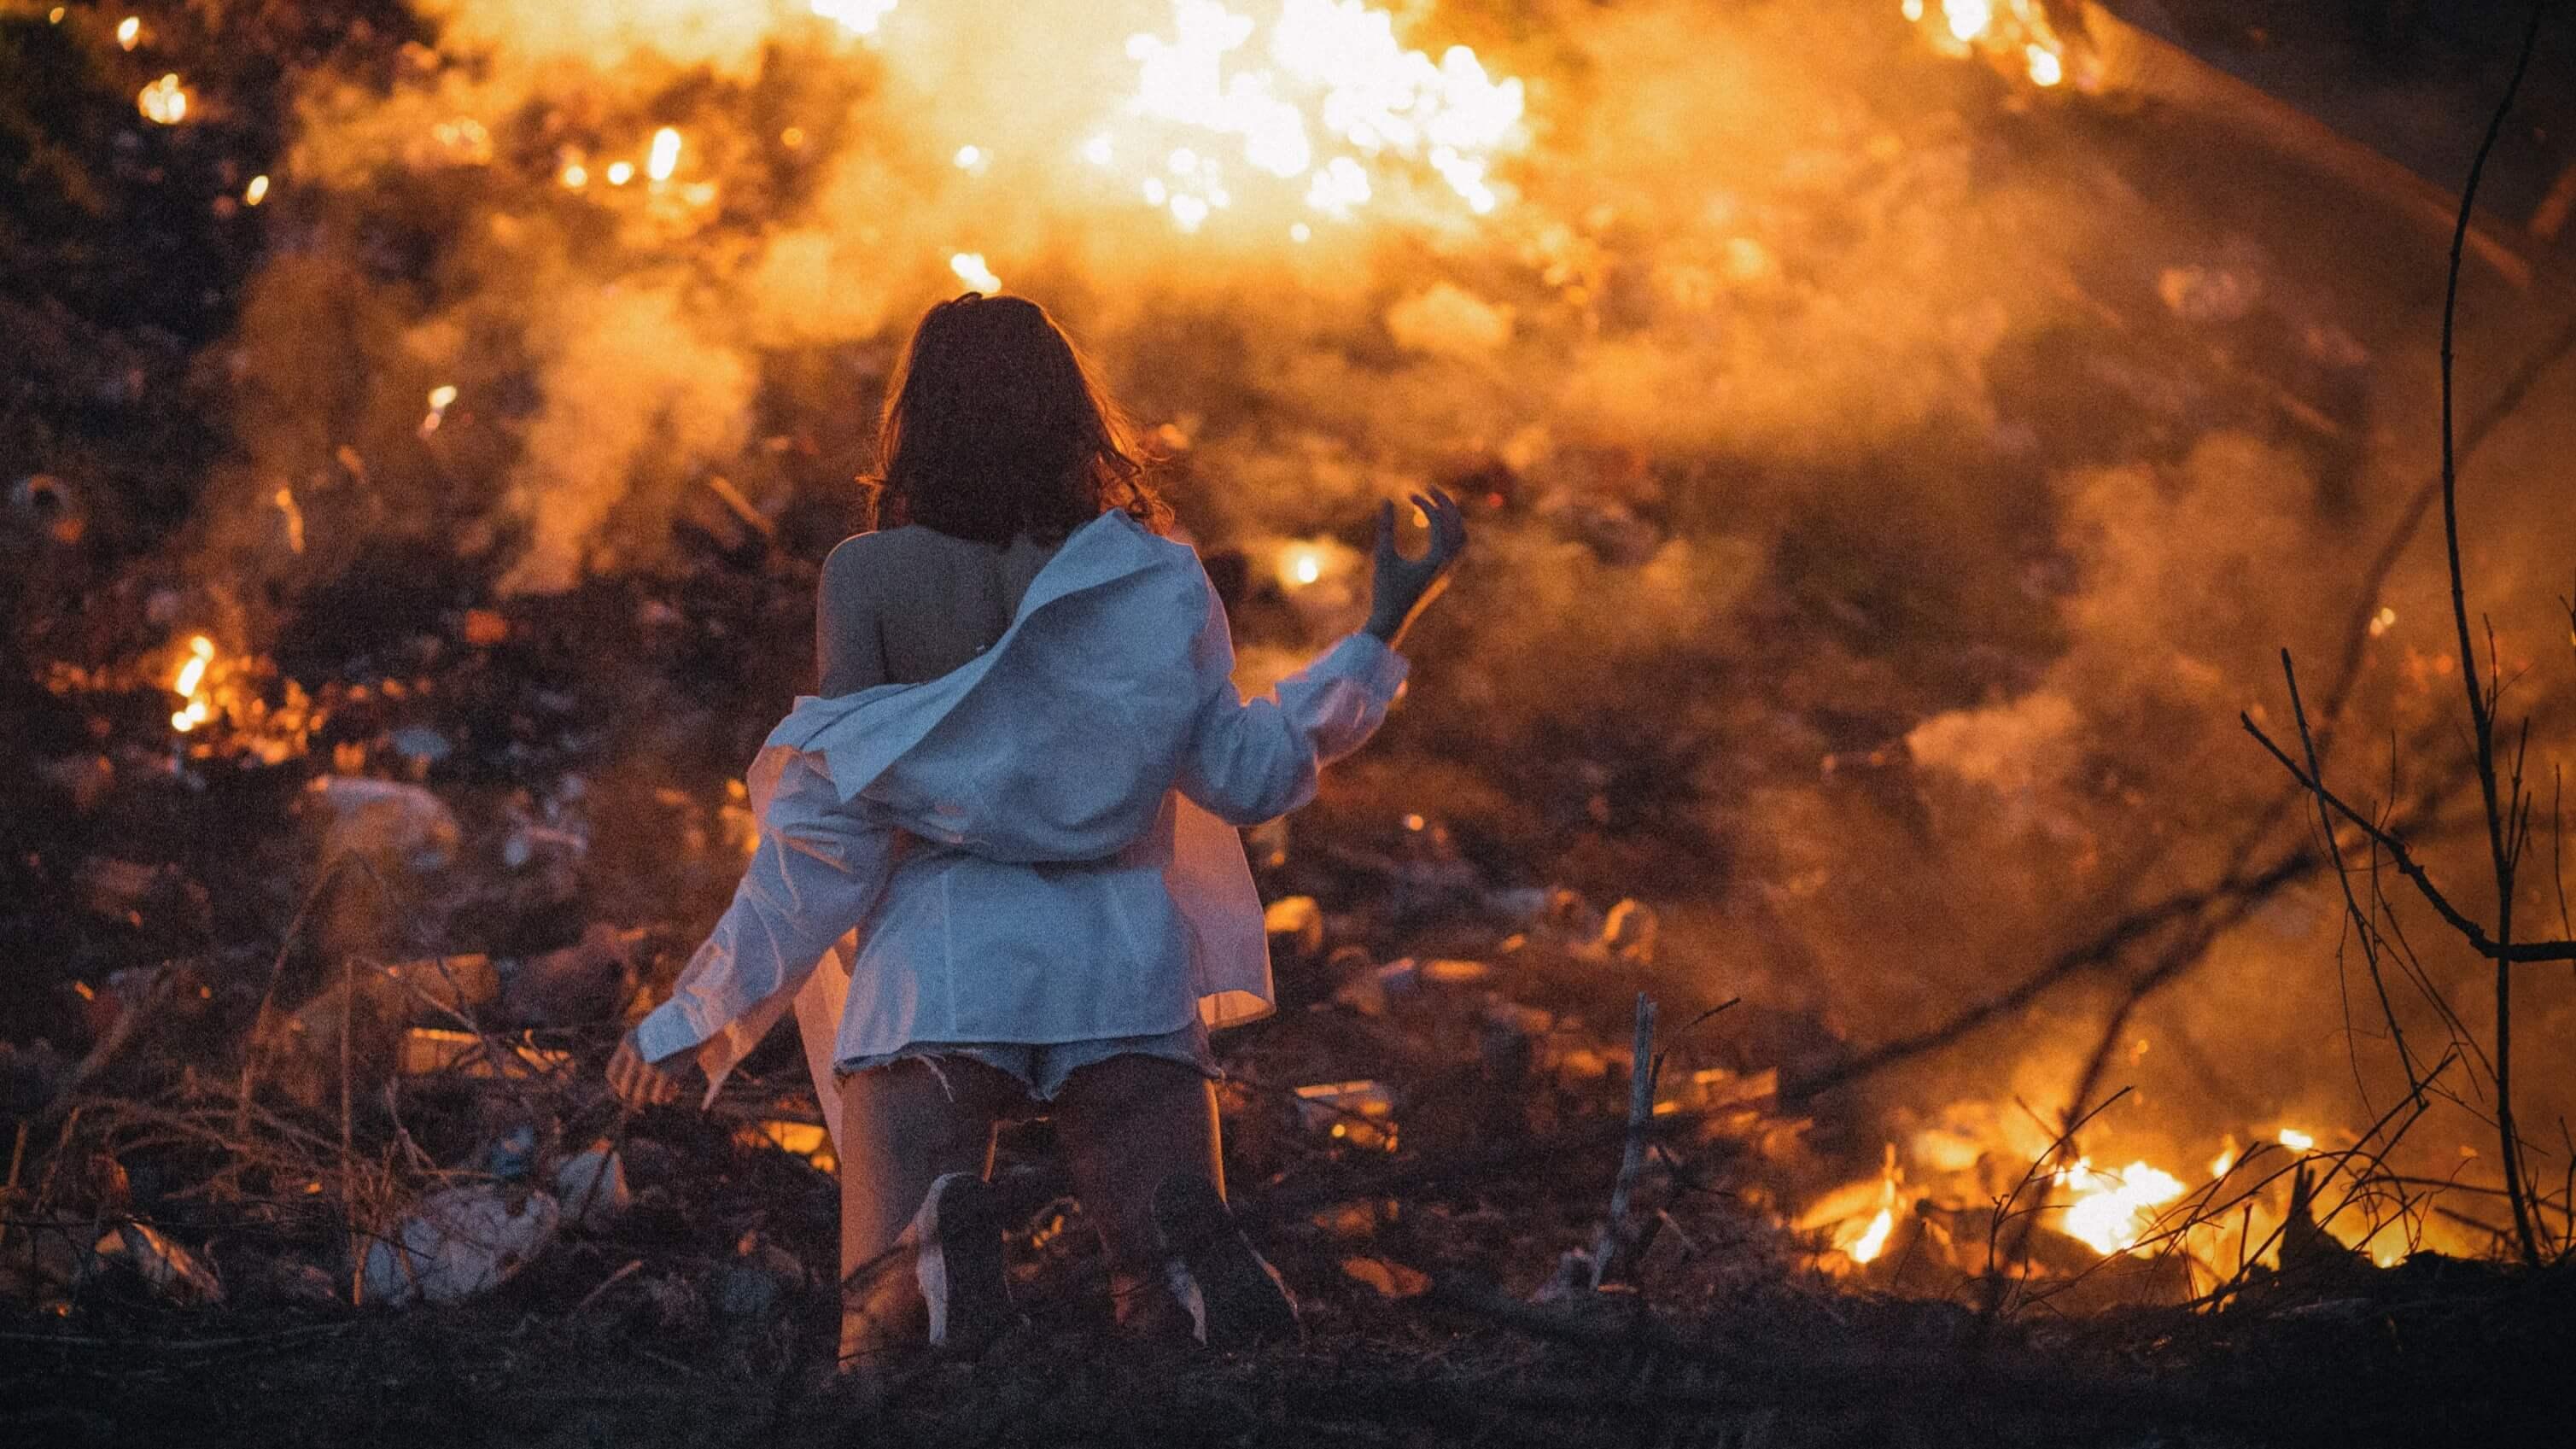 Estoicismo e a paz em meio ao caos